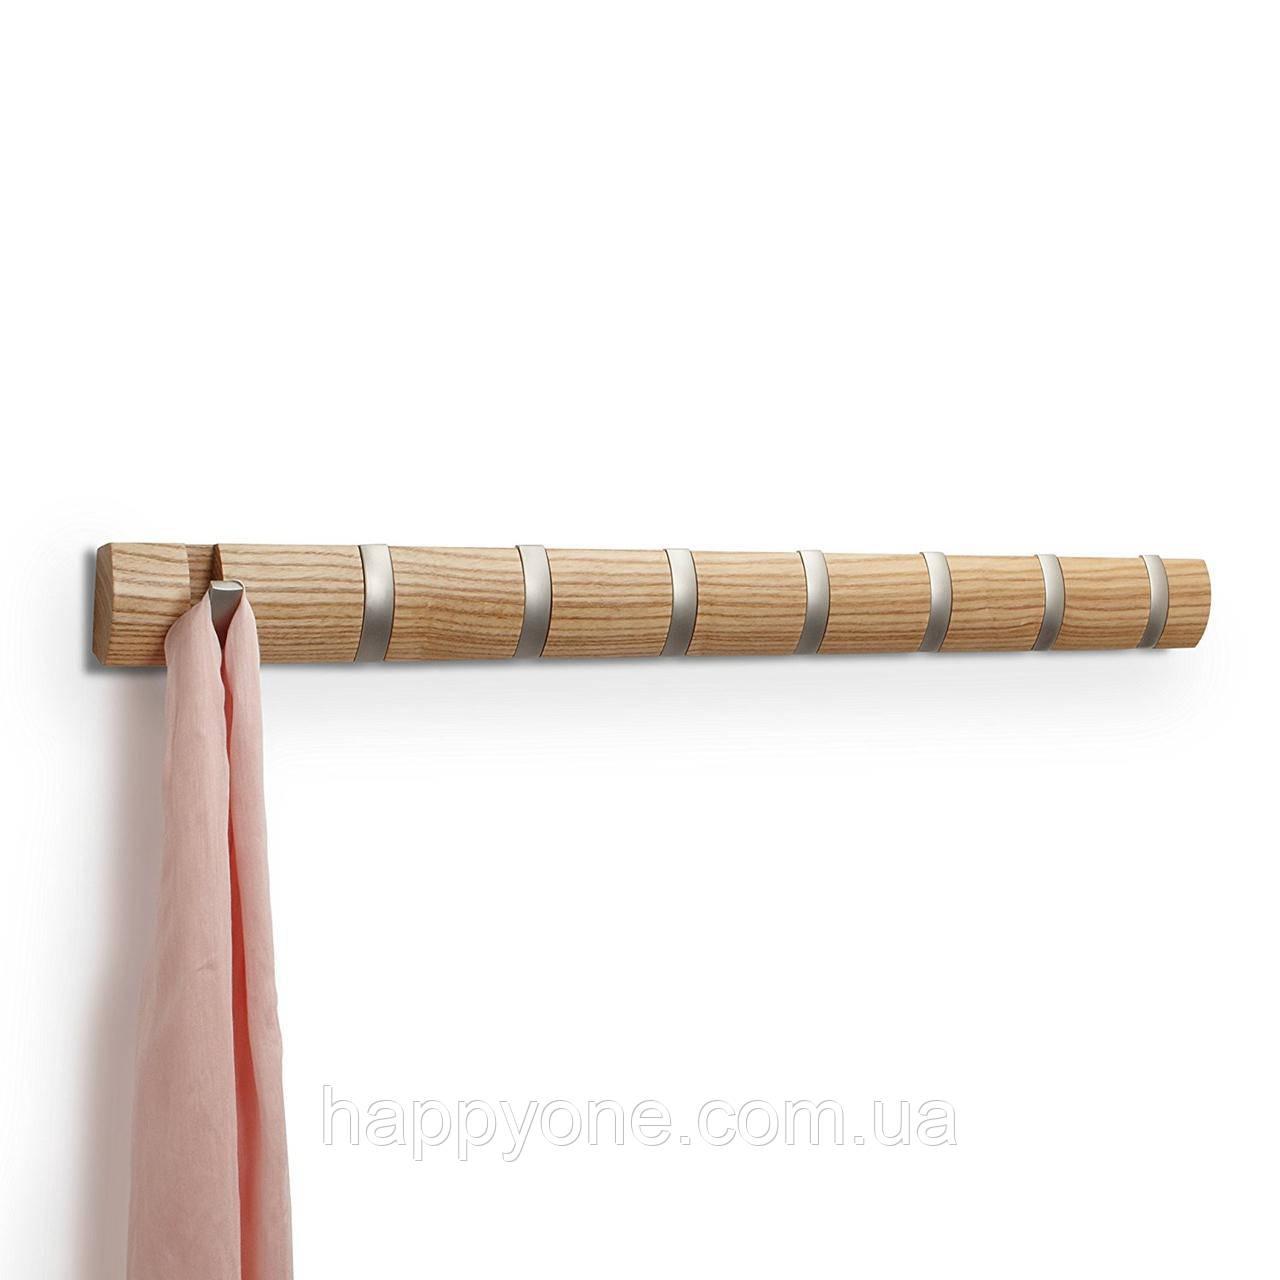 Настенная вешалка для одежды Umbra 8 Flip (светлое дерево)